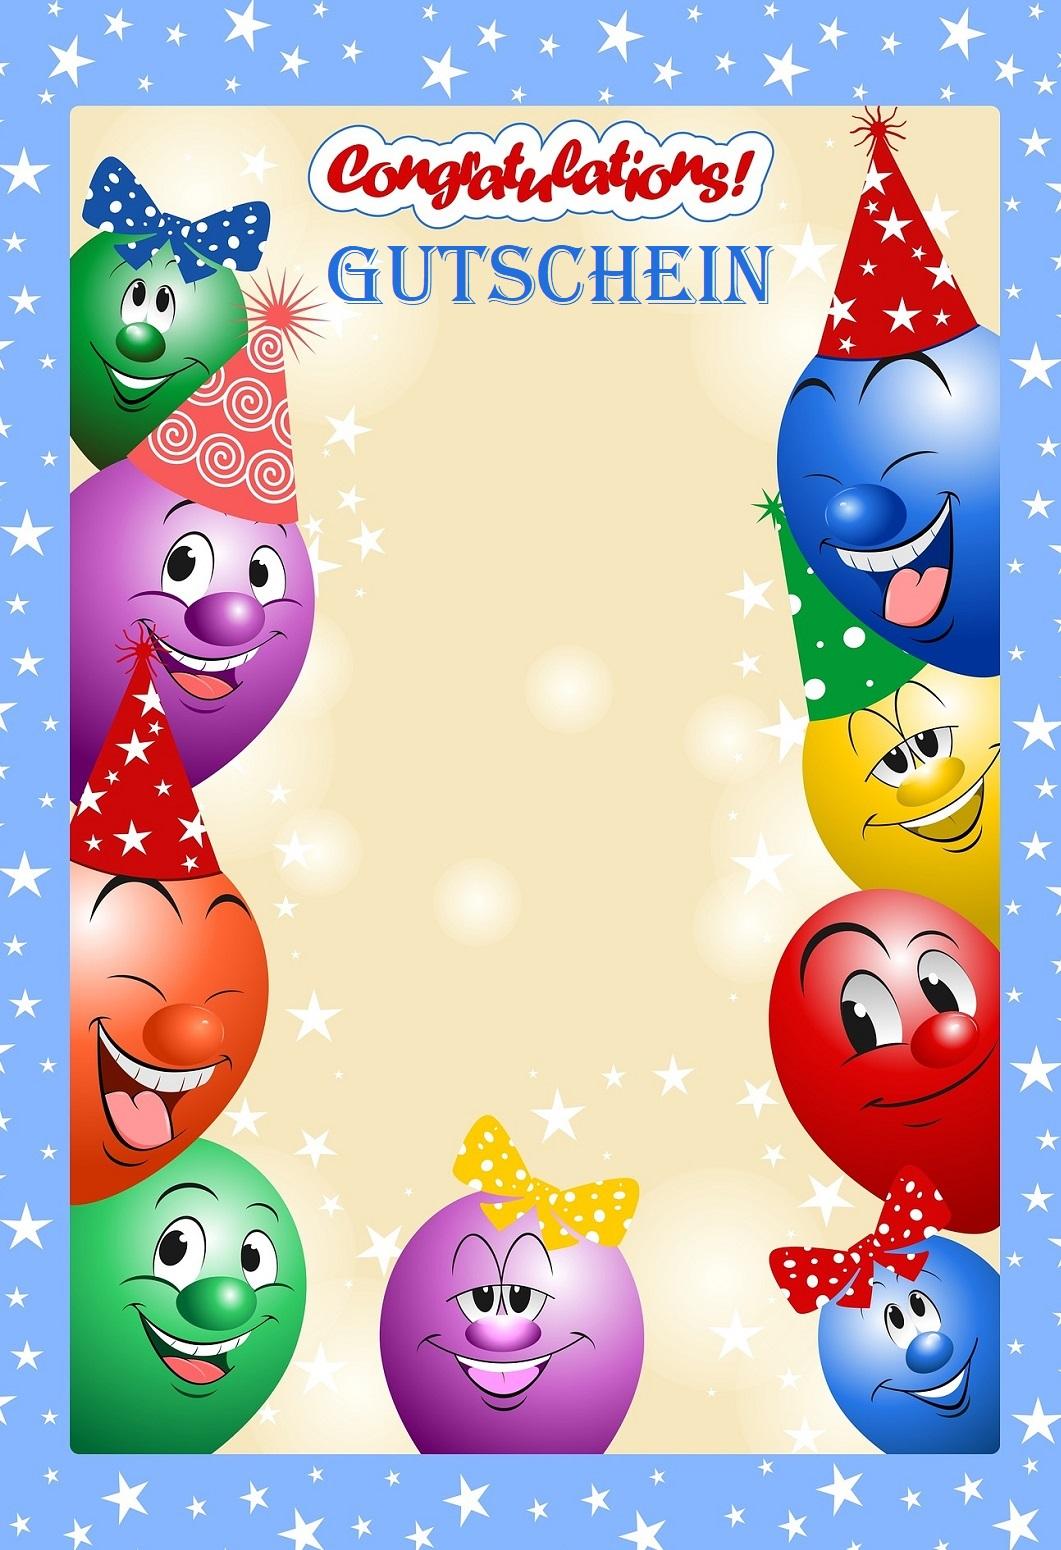 Gutscheinvorlage Geburtstag Gutschein Vorlage 2